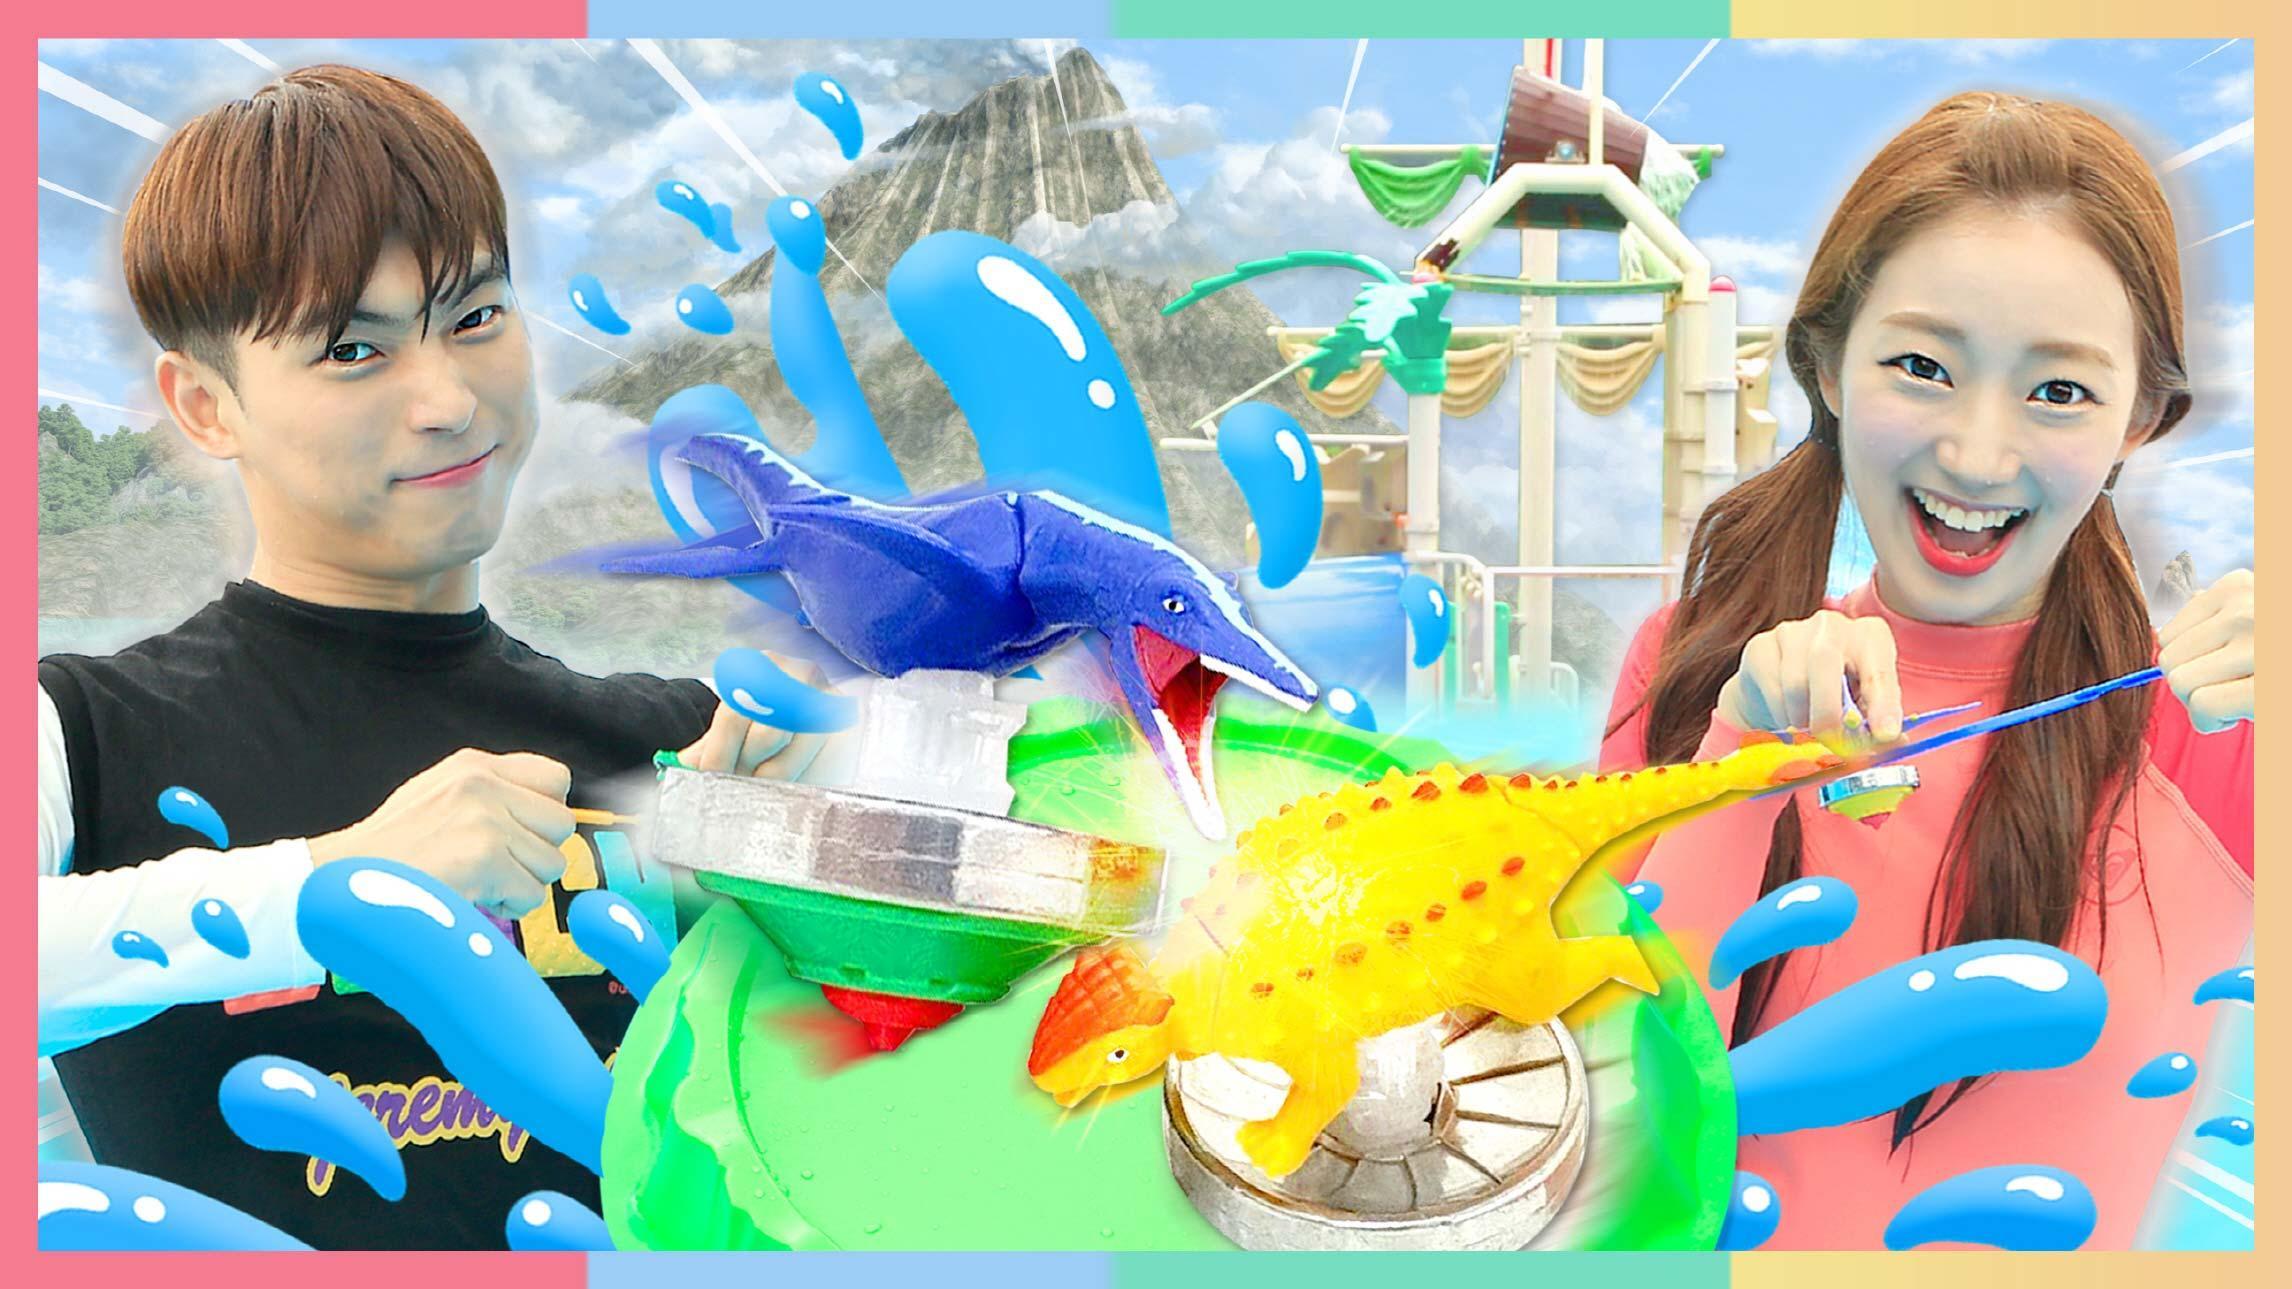 魔幻恐龙陀螺首次水上竞赛!体验超大水车的威力   凯利和玩具朋友们 CarrieAndToys